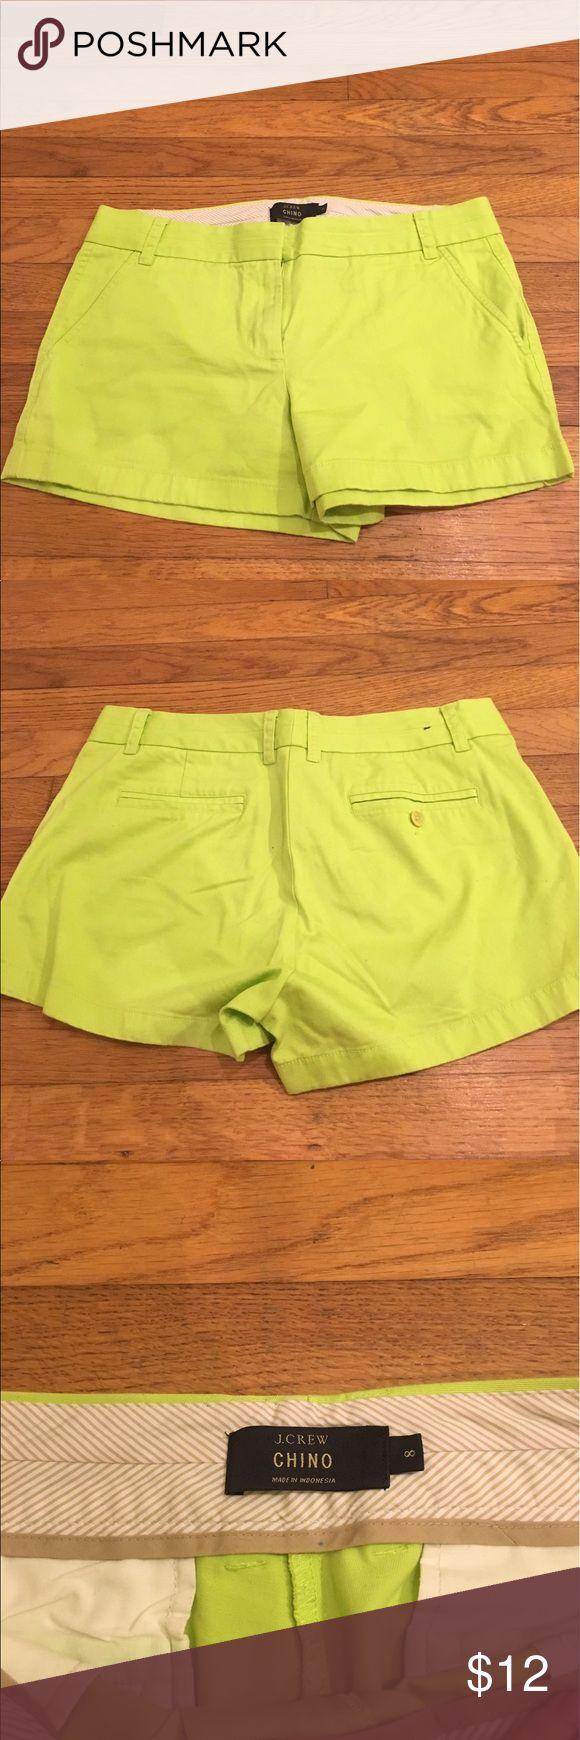 Women's J.Crew chino 3in chino shorts Neon women's 3in chino shorts J. Crew Shorts